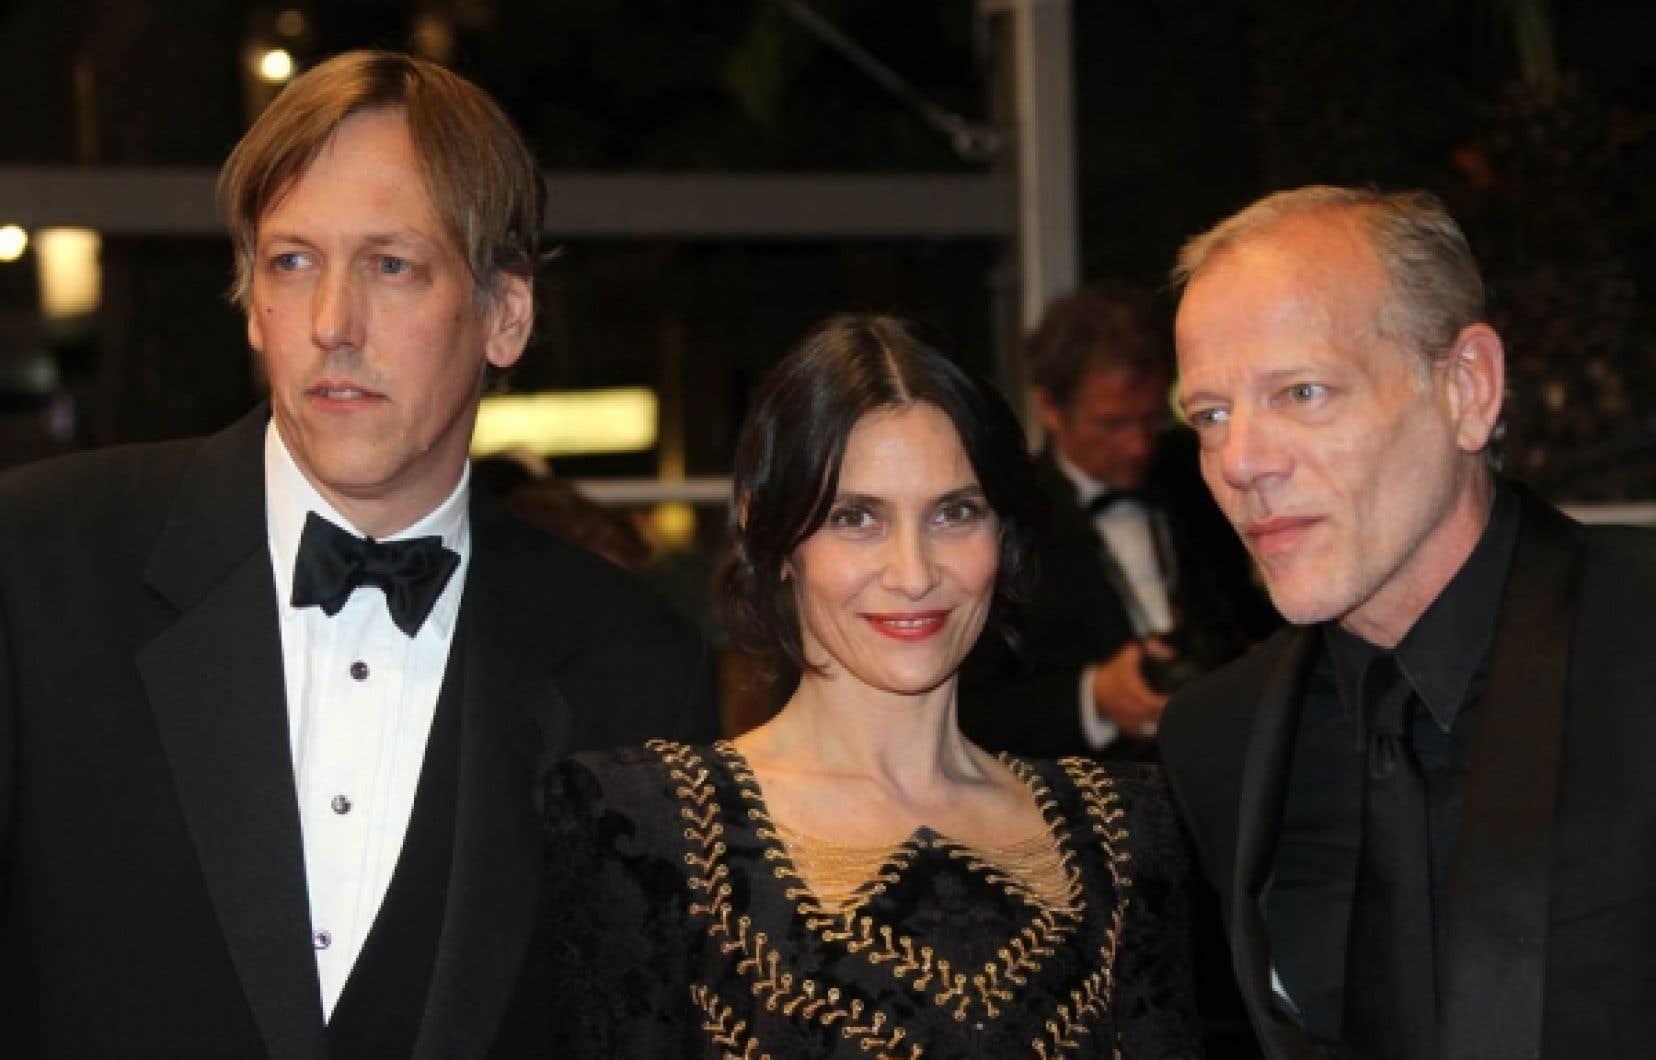 Le cinéaste américain Lodge Kerrigan et les acteurs français Géraldine Pailhas et Pascal Greggory, vedettes du film Rebbeca H.